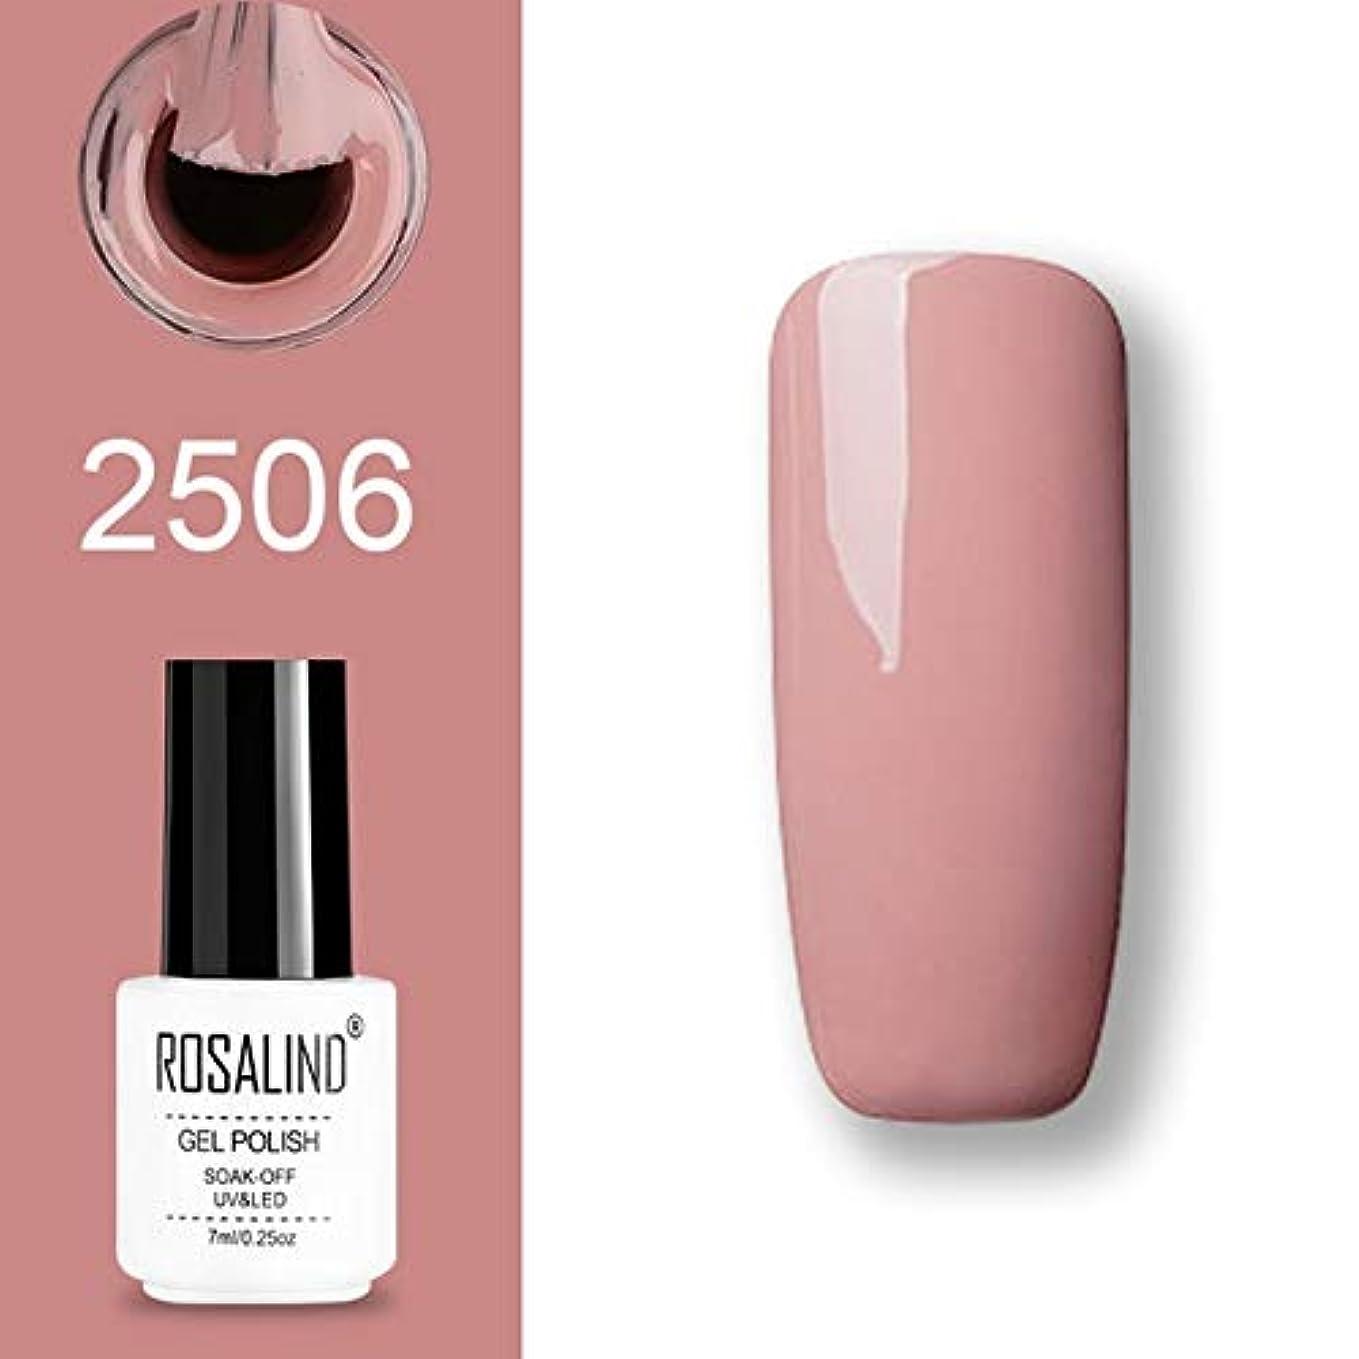 ファッションアイテム ROSALINDジェルポリッシュセットUVセミパーマネントプライマートップコートポリジェルニスネイルアートマニキュアジェル、ライトピンク、容量:7ml 2506。 環境に優しいマニキュア